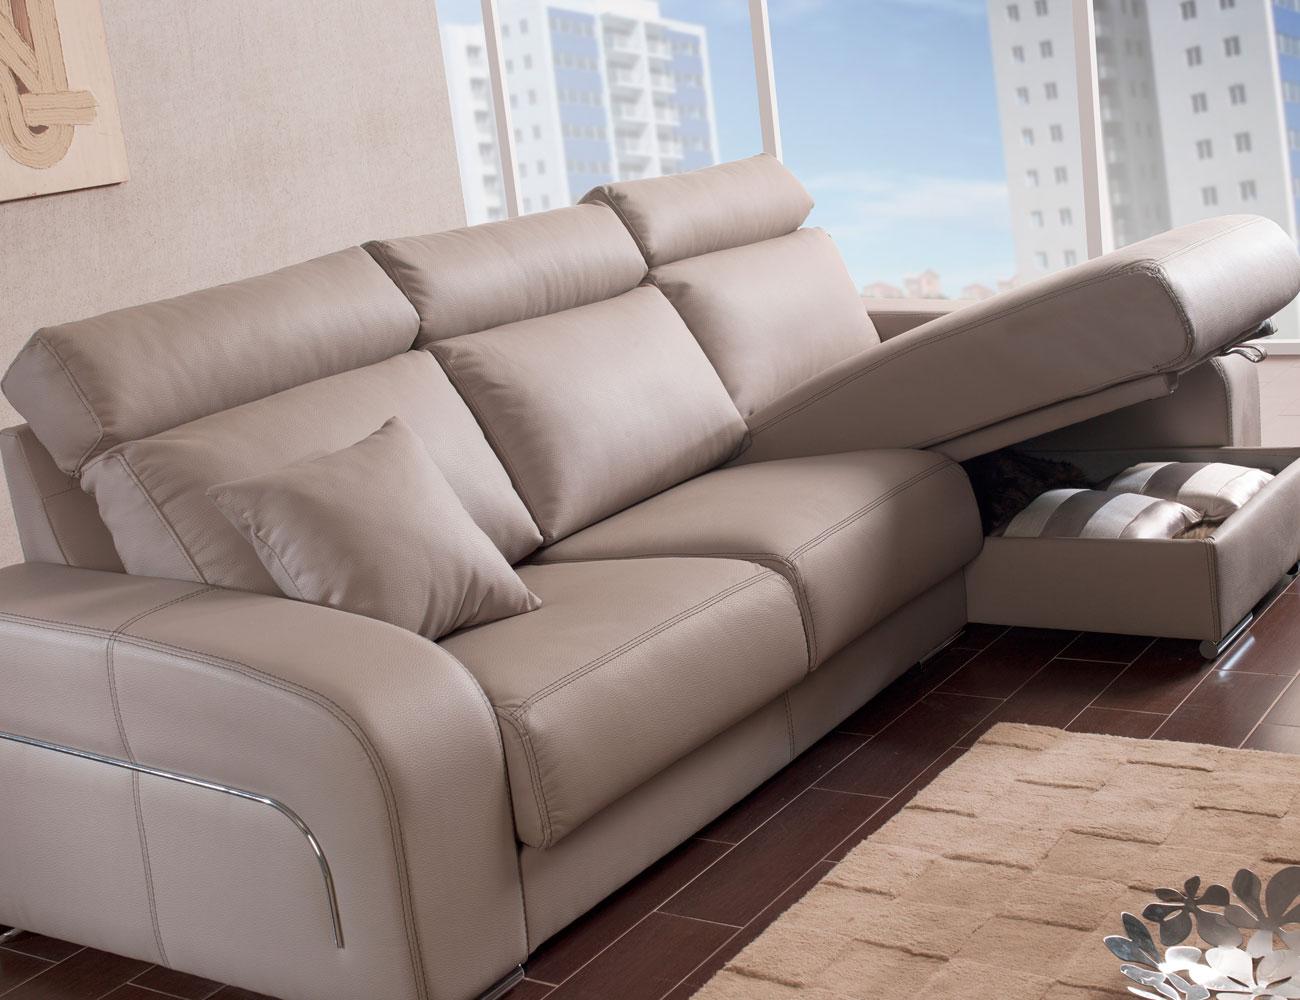 Sofa chaiselongue moderno pared cero arcon77